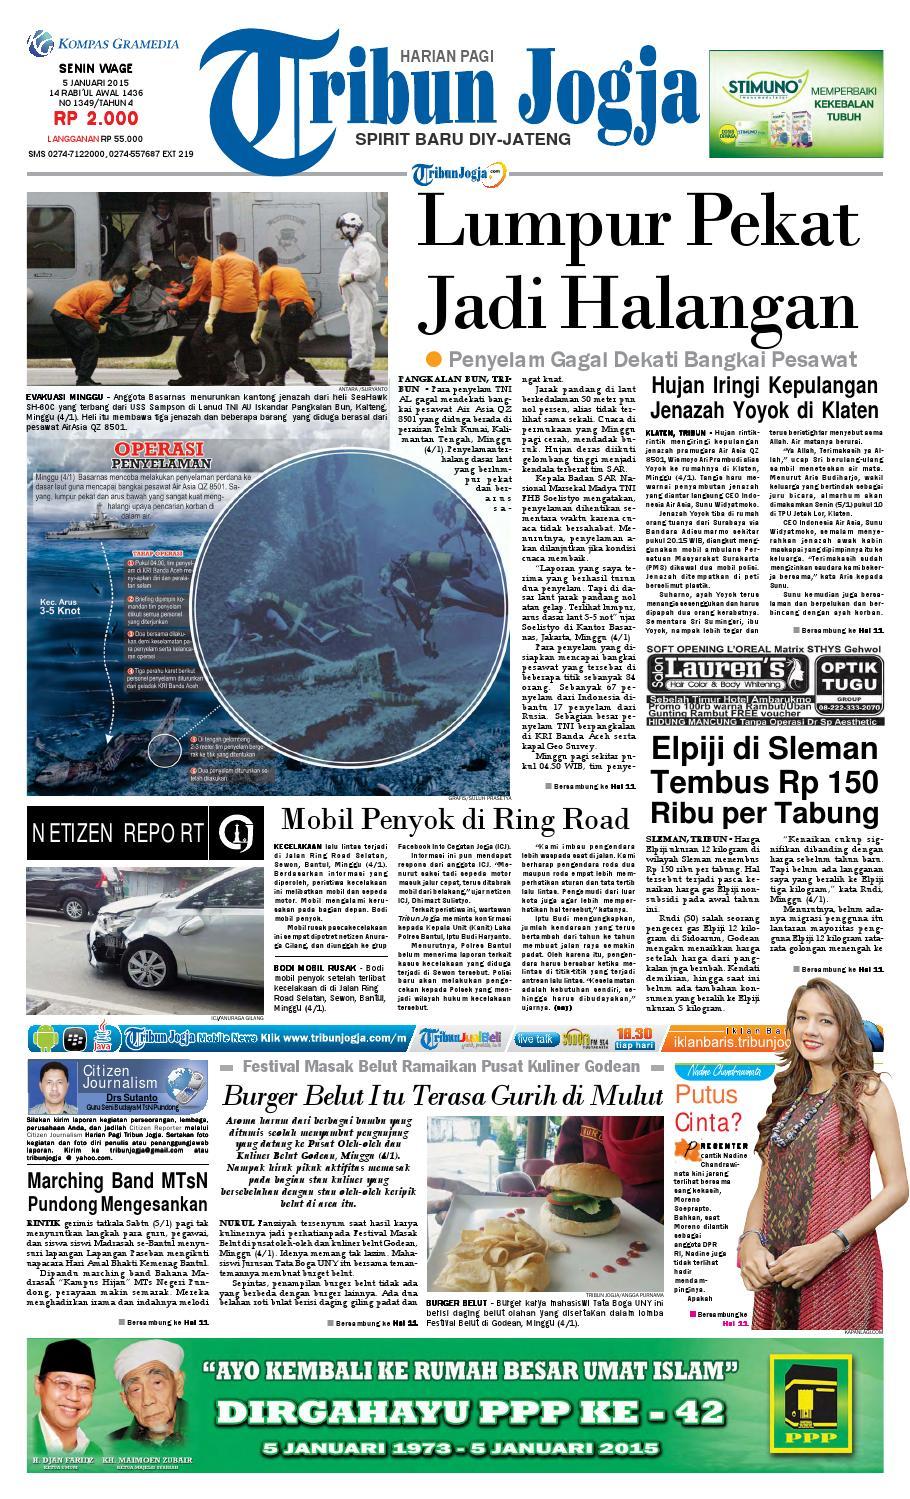 Tribunjogja 05 01 2015 By Tribun Jogja Issuu Produk Ukm Bumn Batik Lengan Panjang Parang Toko Ngremboko